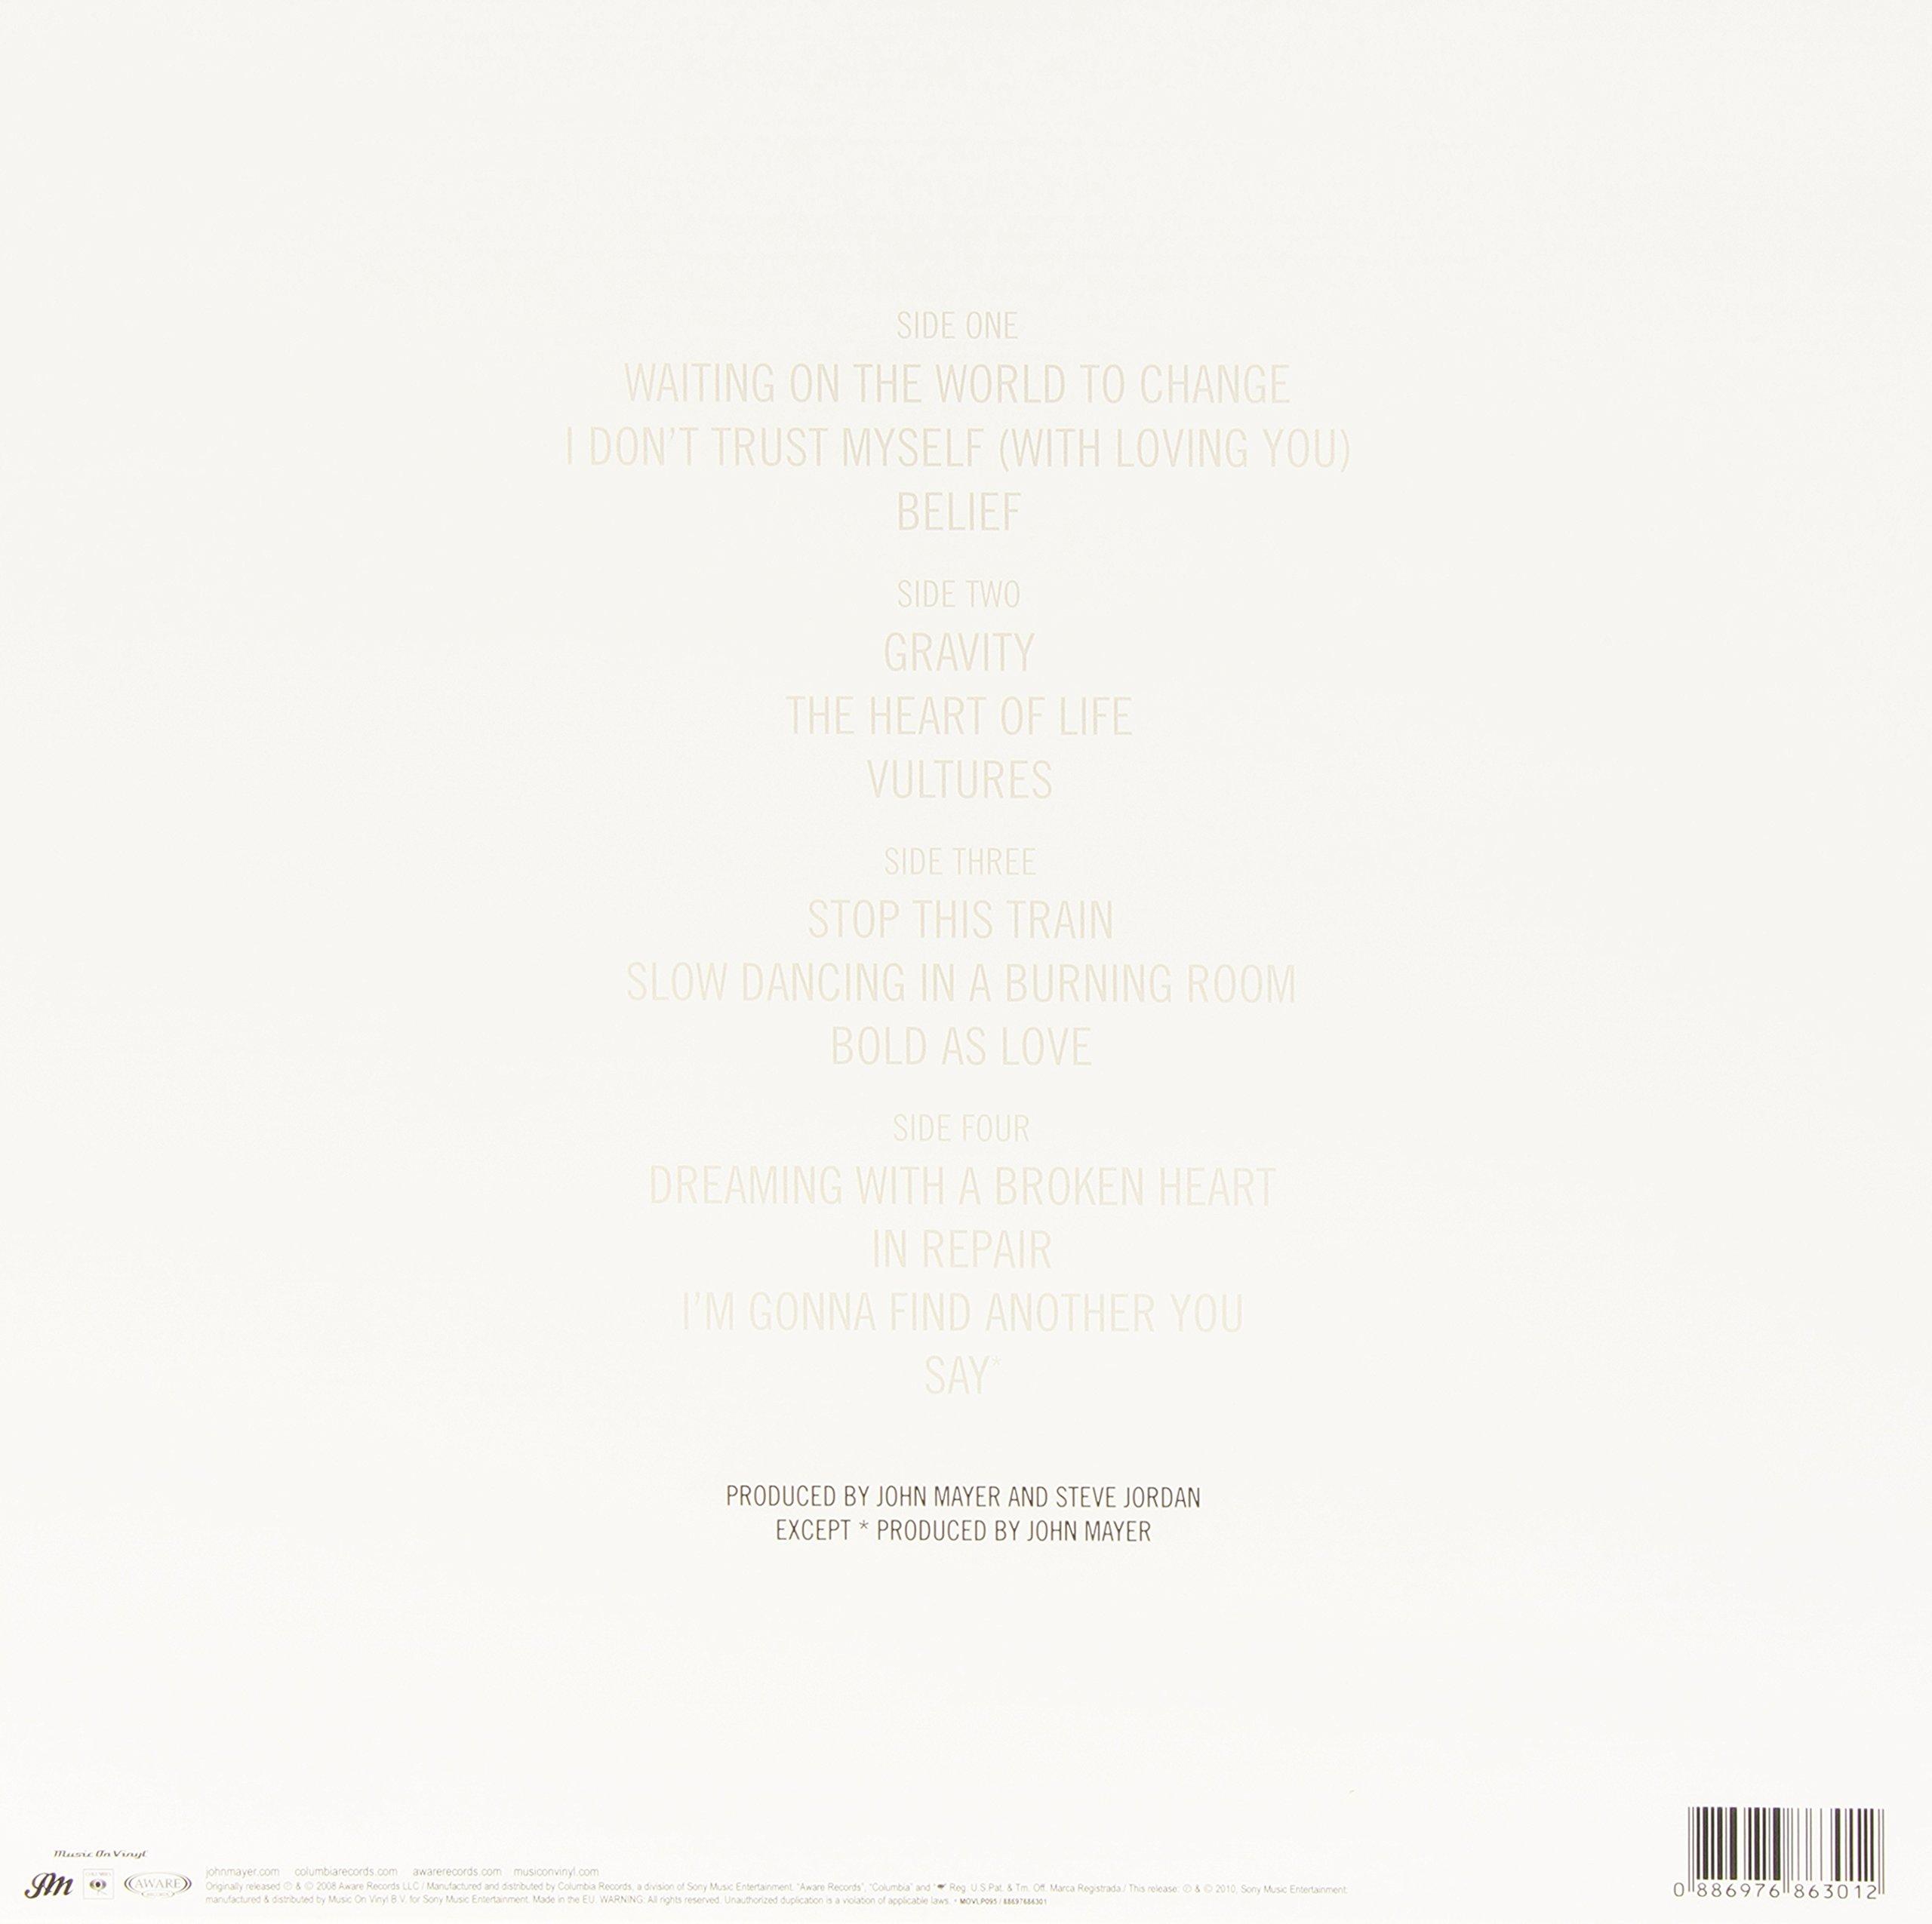 Continuum (180g Vinyl)